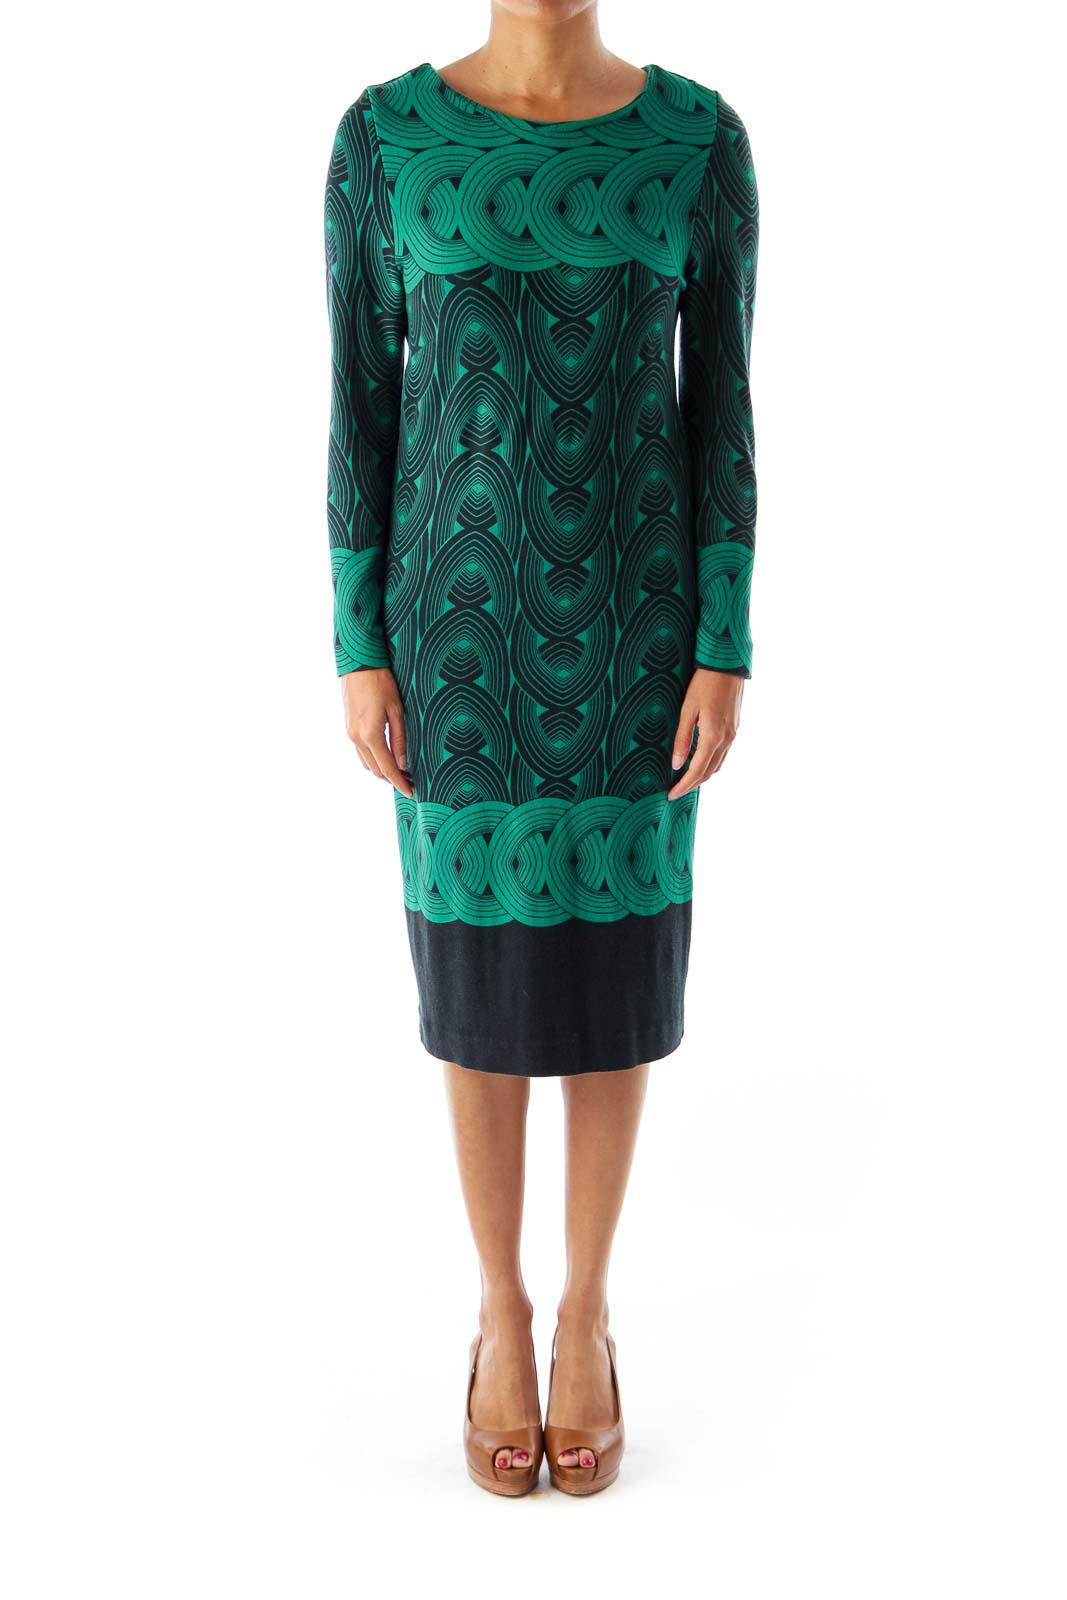 Green & Black Tribal Midi Dress